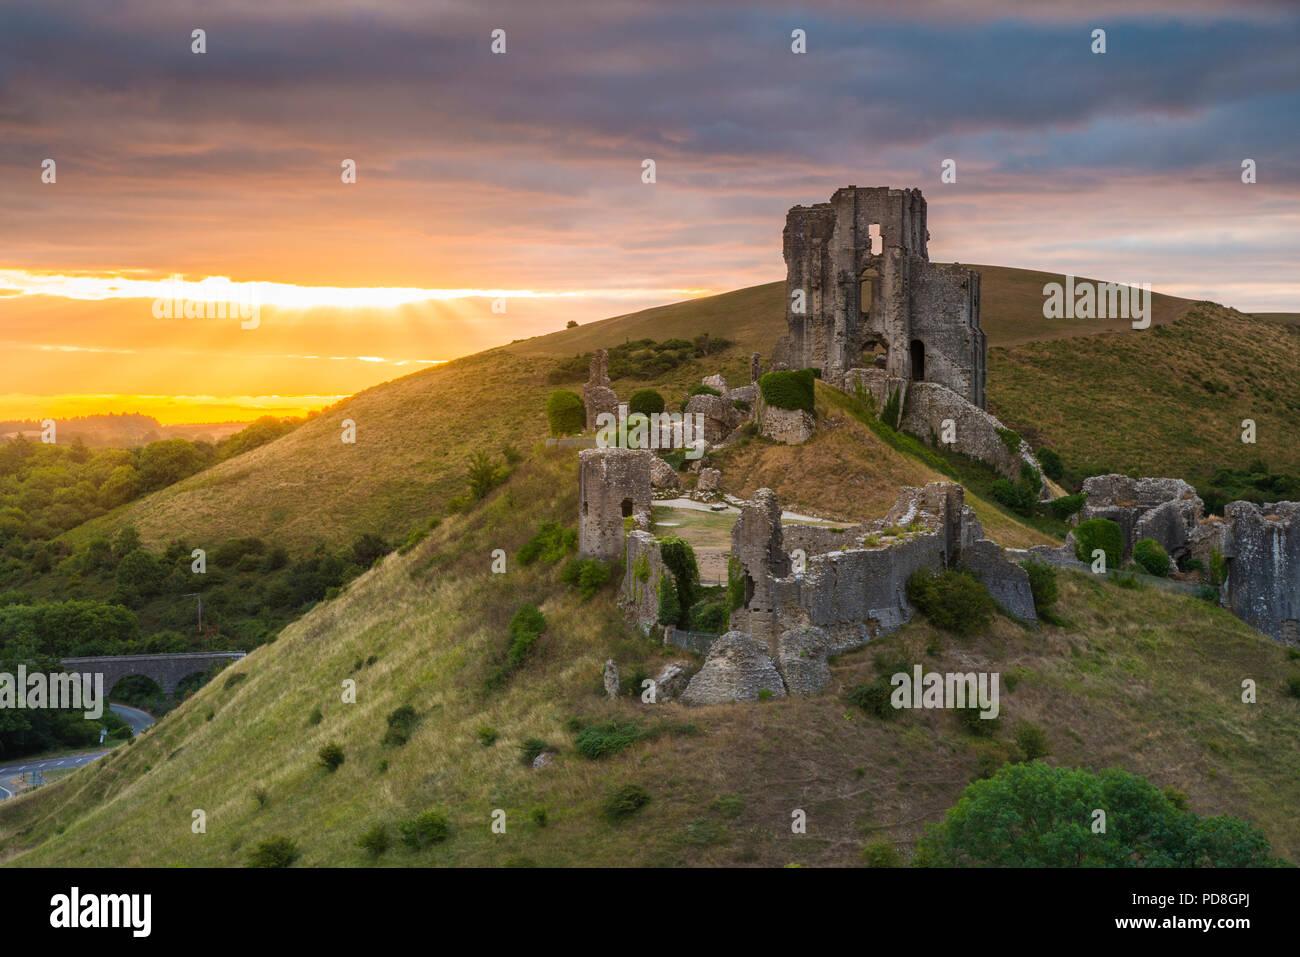 El castillo Corfe, en Dorset, Reino Unido. El 8 de agosto de 2018. El clima del Reino Unido. Un dramático amanecer en las ruinas de castillo Corfe, en Dorset. El amanecer fue pronto oscurecida por una banda de espesamiento de la nube que produjo ligeras lluvias poco después. Crédito de la imagen: Graham Hunt/Alamy Live News Imagen De Stock